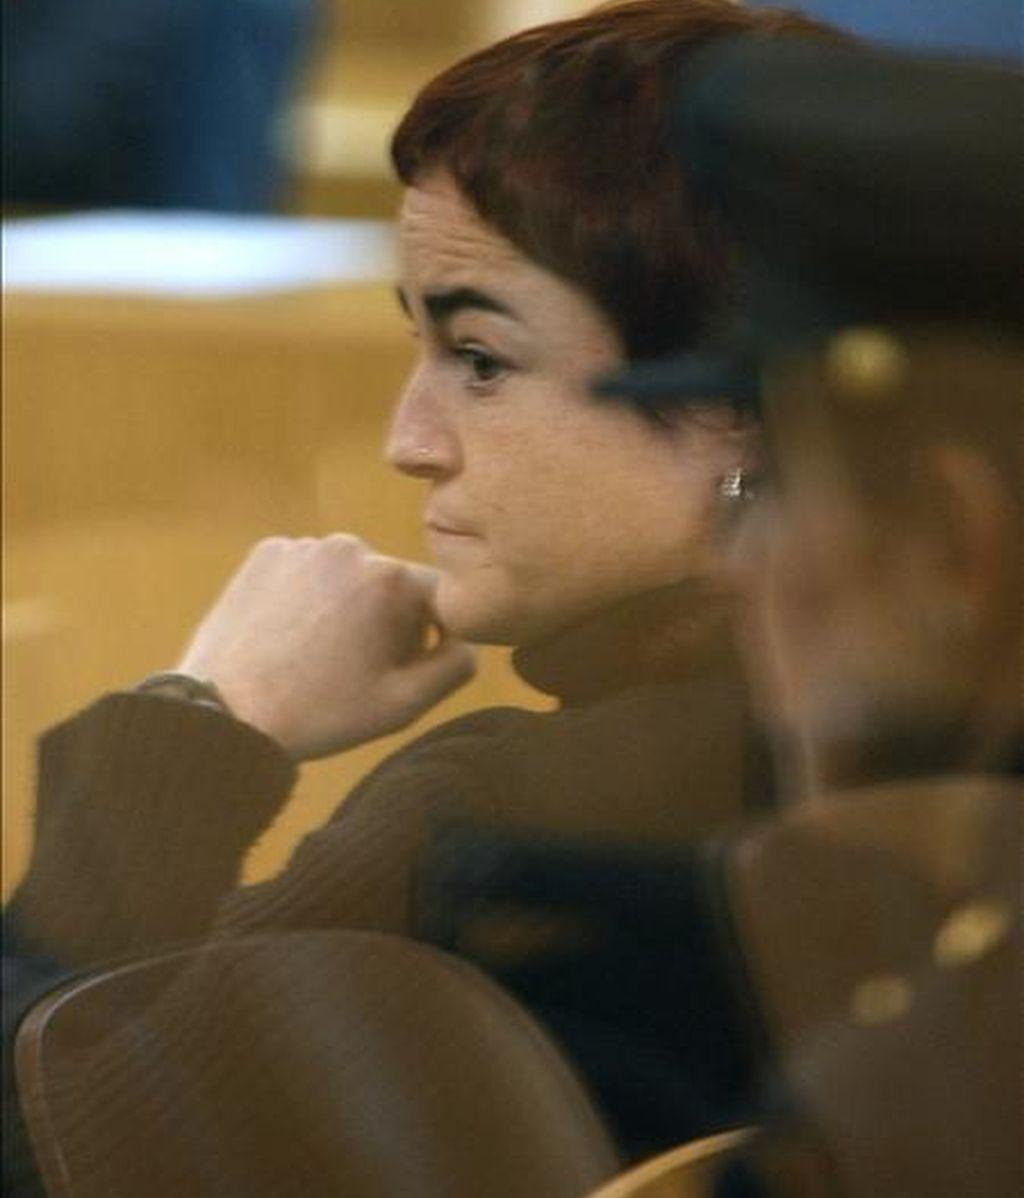 El fiscal ha reclamado hoy al Tribunal Supremo (TS) que confirme la condena de diez años de prisión que la Audiencia Nacional impuso a la etarra Nerea Garaizar por planear el asesinato en 2001 del entonces presidente de la Xunta de Galicia, Manuel Fraga, mediante la explosión de un coche-bomba. EFE